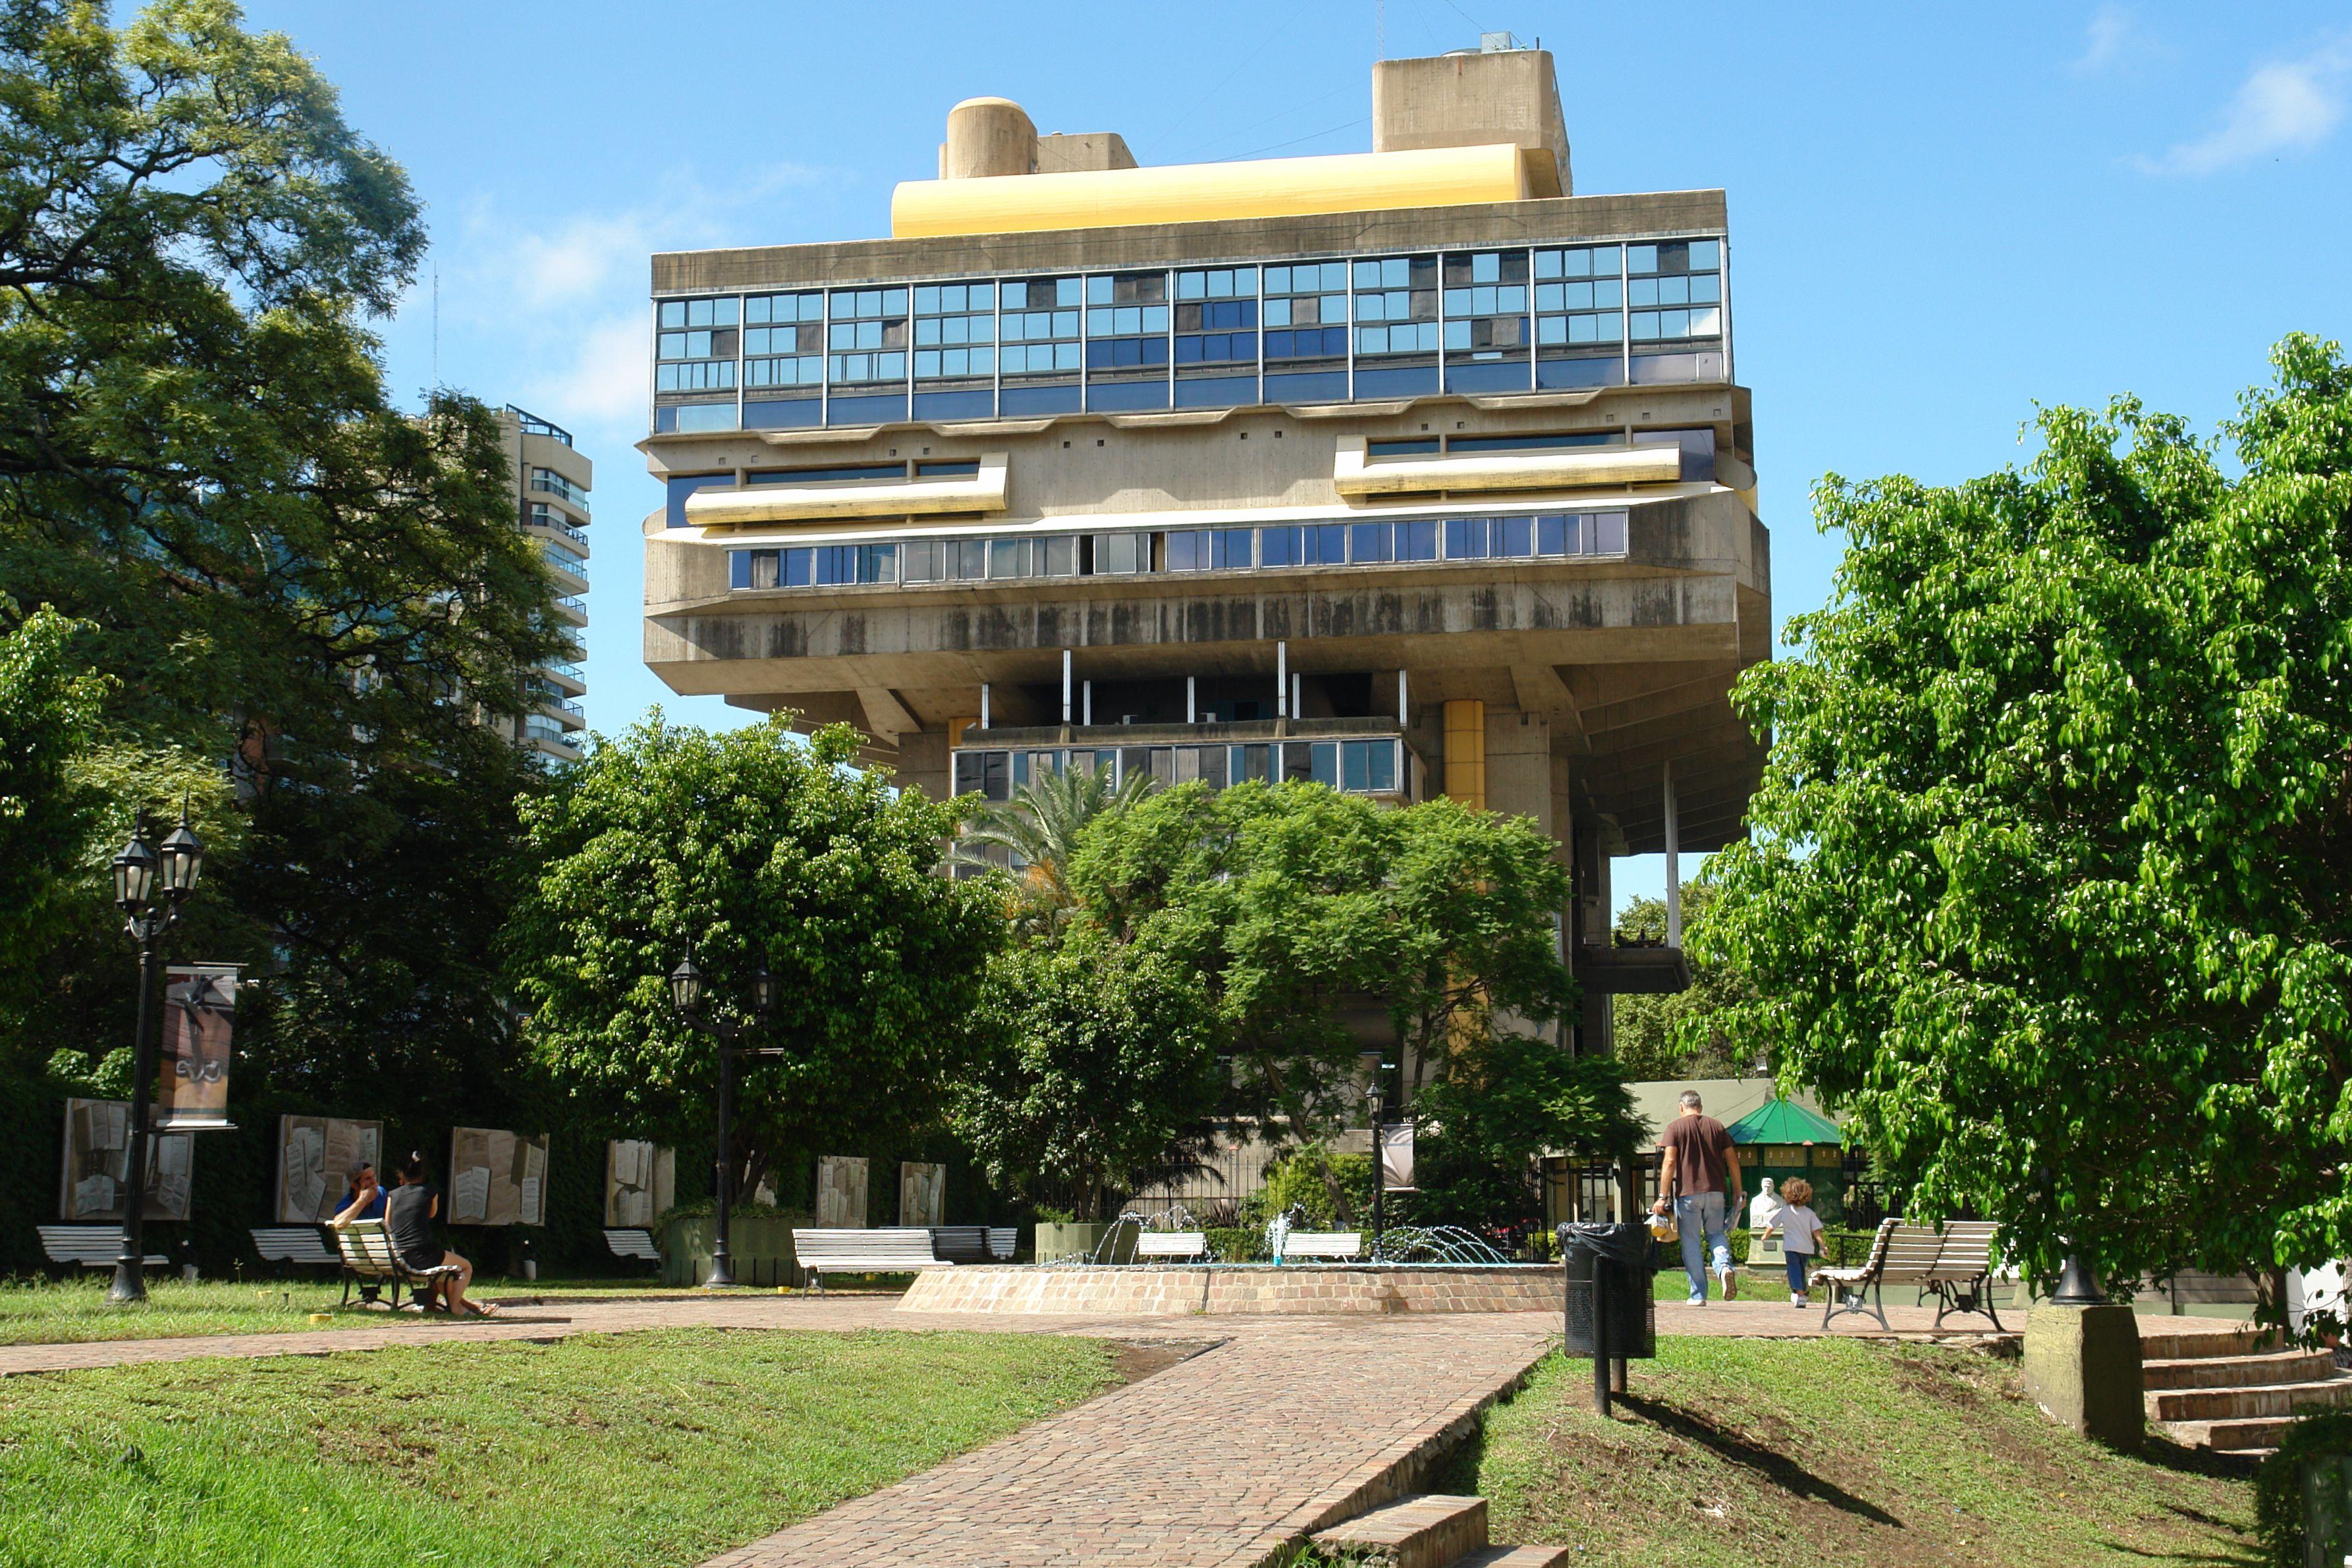 Argentina - Page 2 Biblioteca_Nacional_de_la_Rep%C3%BAblica_Argentina,_Buenos_Aires,_Argentina-21Feb2011